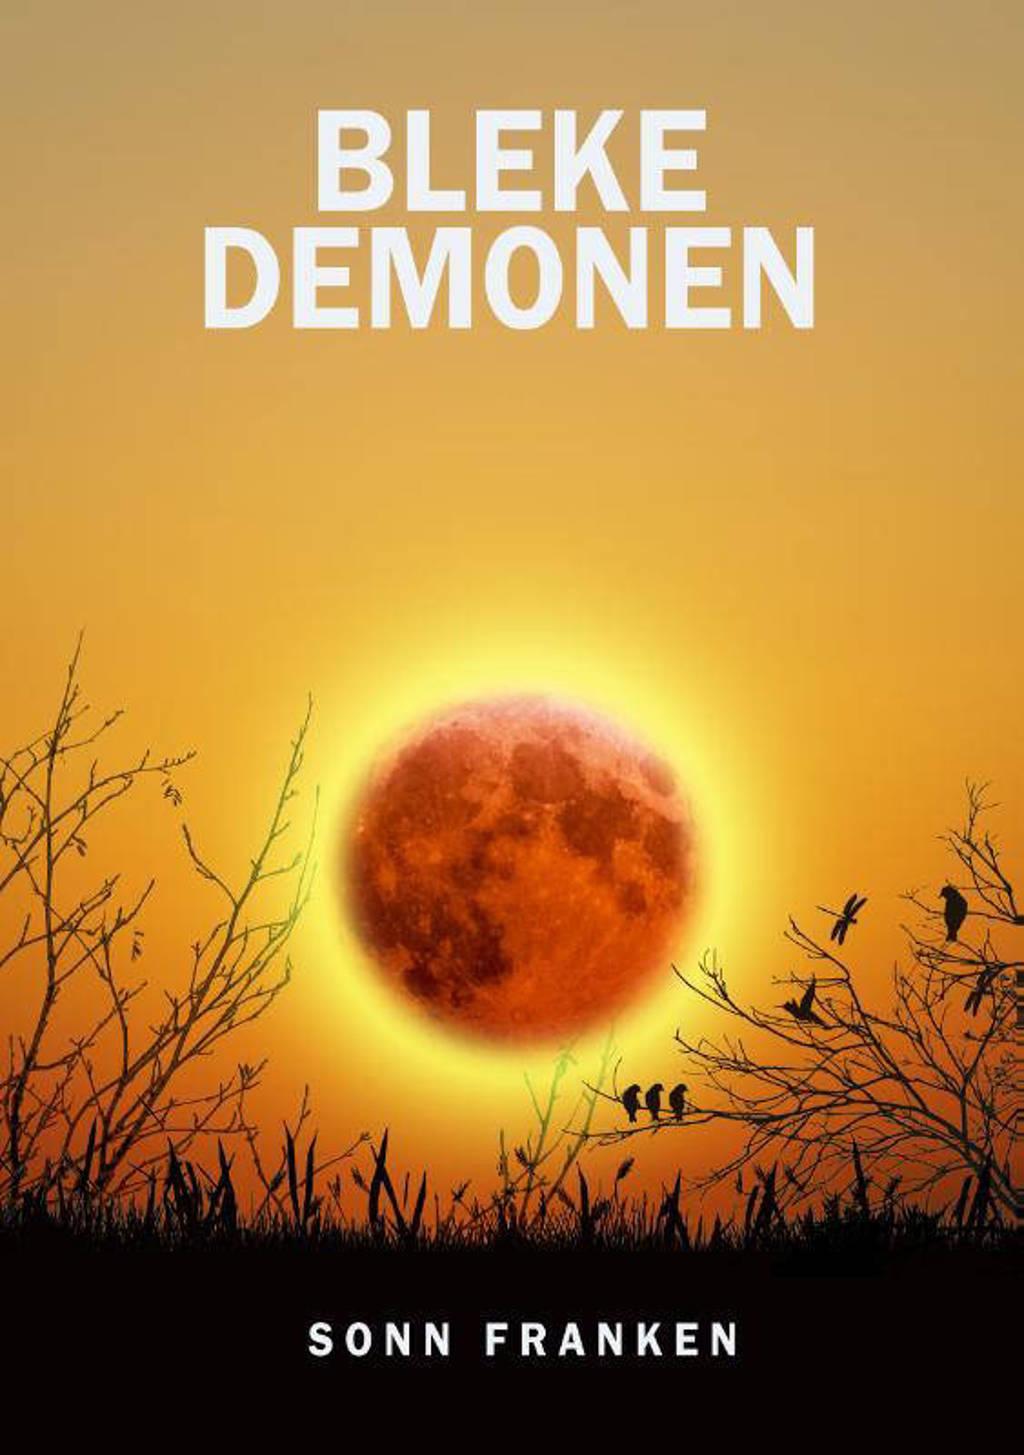 De Kronieken van Ginder: Bleke Demonen - Sonn Franken